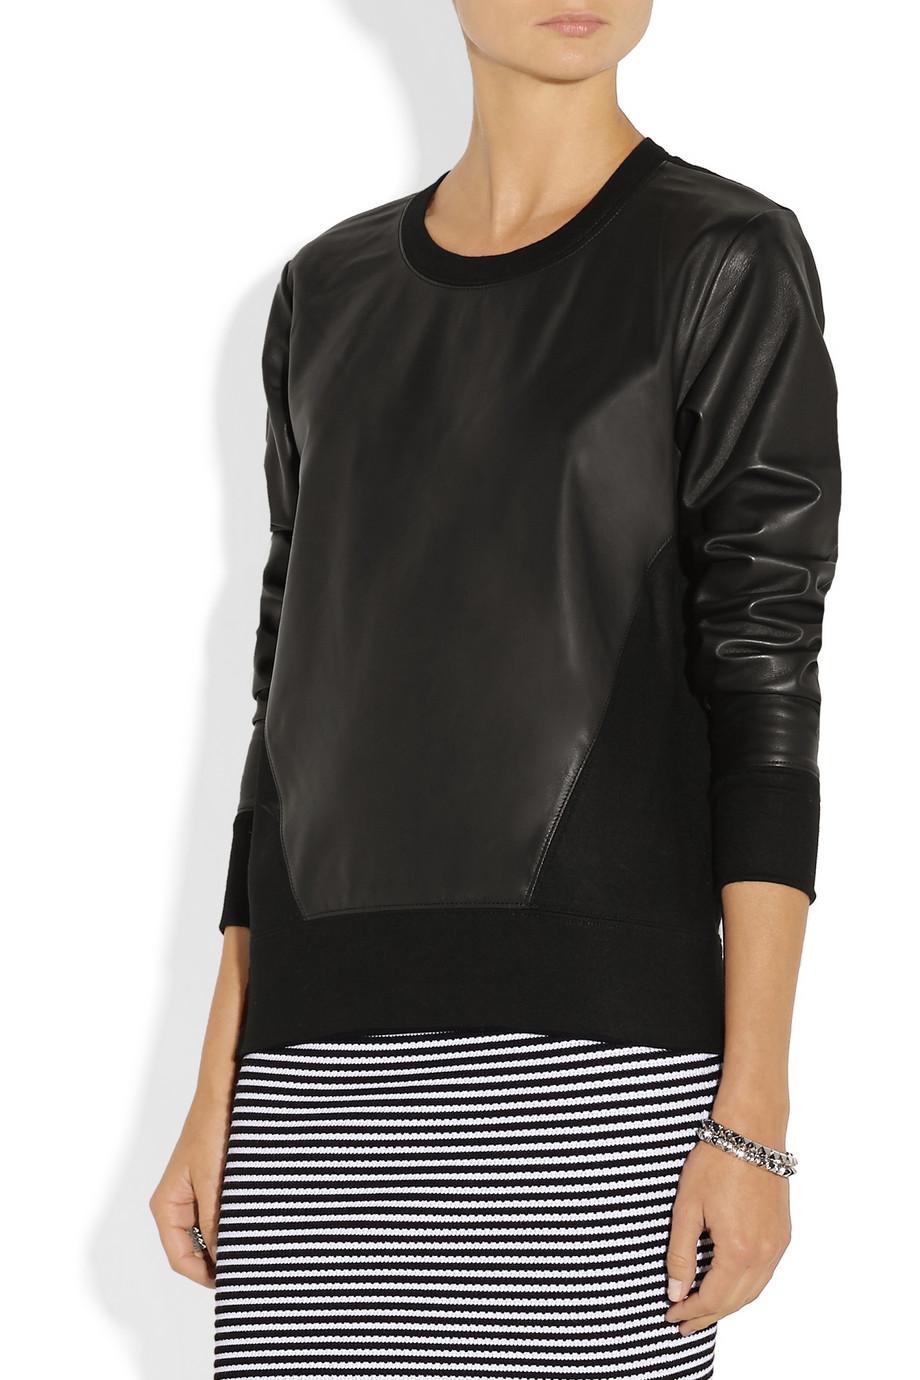 Helmut lang leather and wool sweatshirt in black lyst - Sweatshirt kleid lang ...